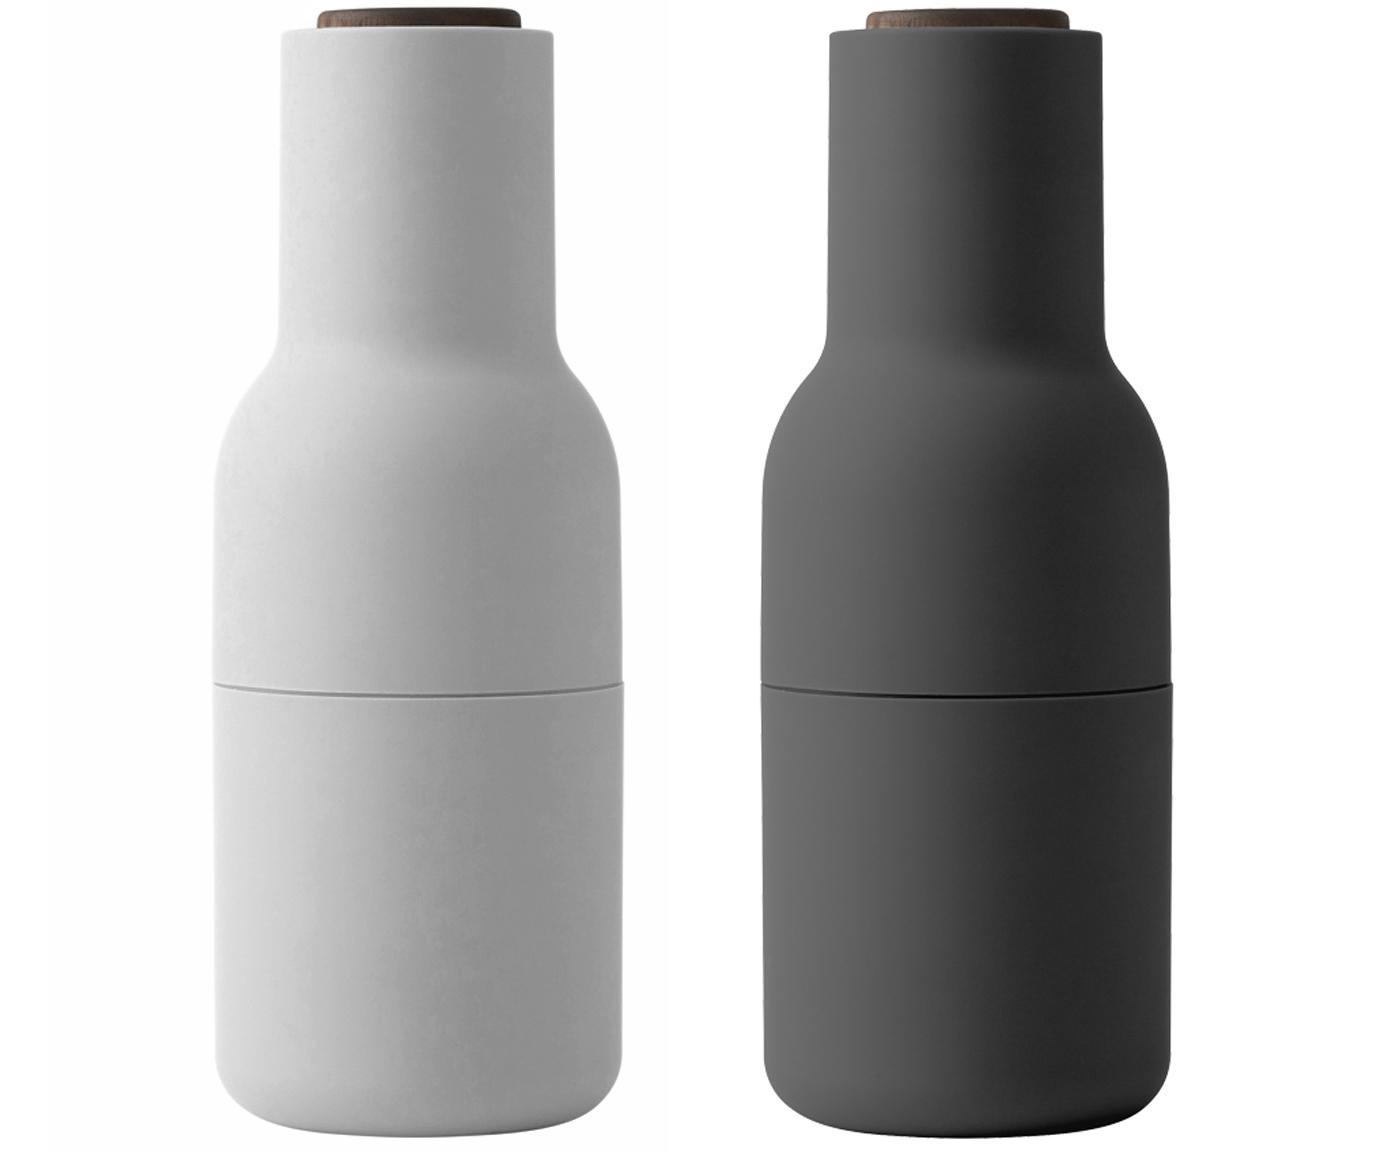 Set macina spezie Bottle Grinder 2 pz, Coperchio: legno di noce, Antracite, bianco, Ø 8 x Alt. 21 cm